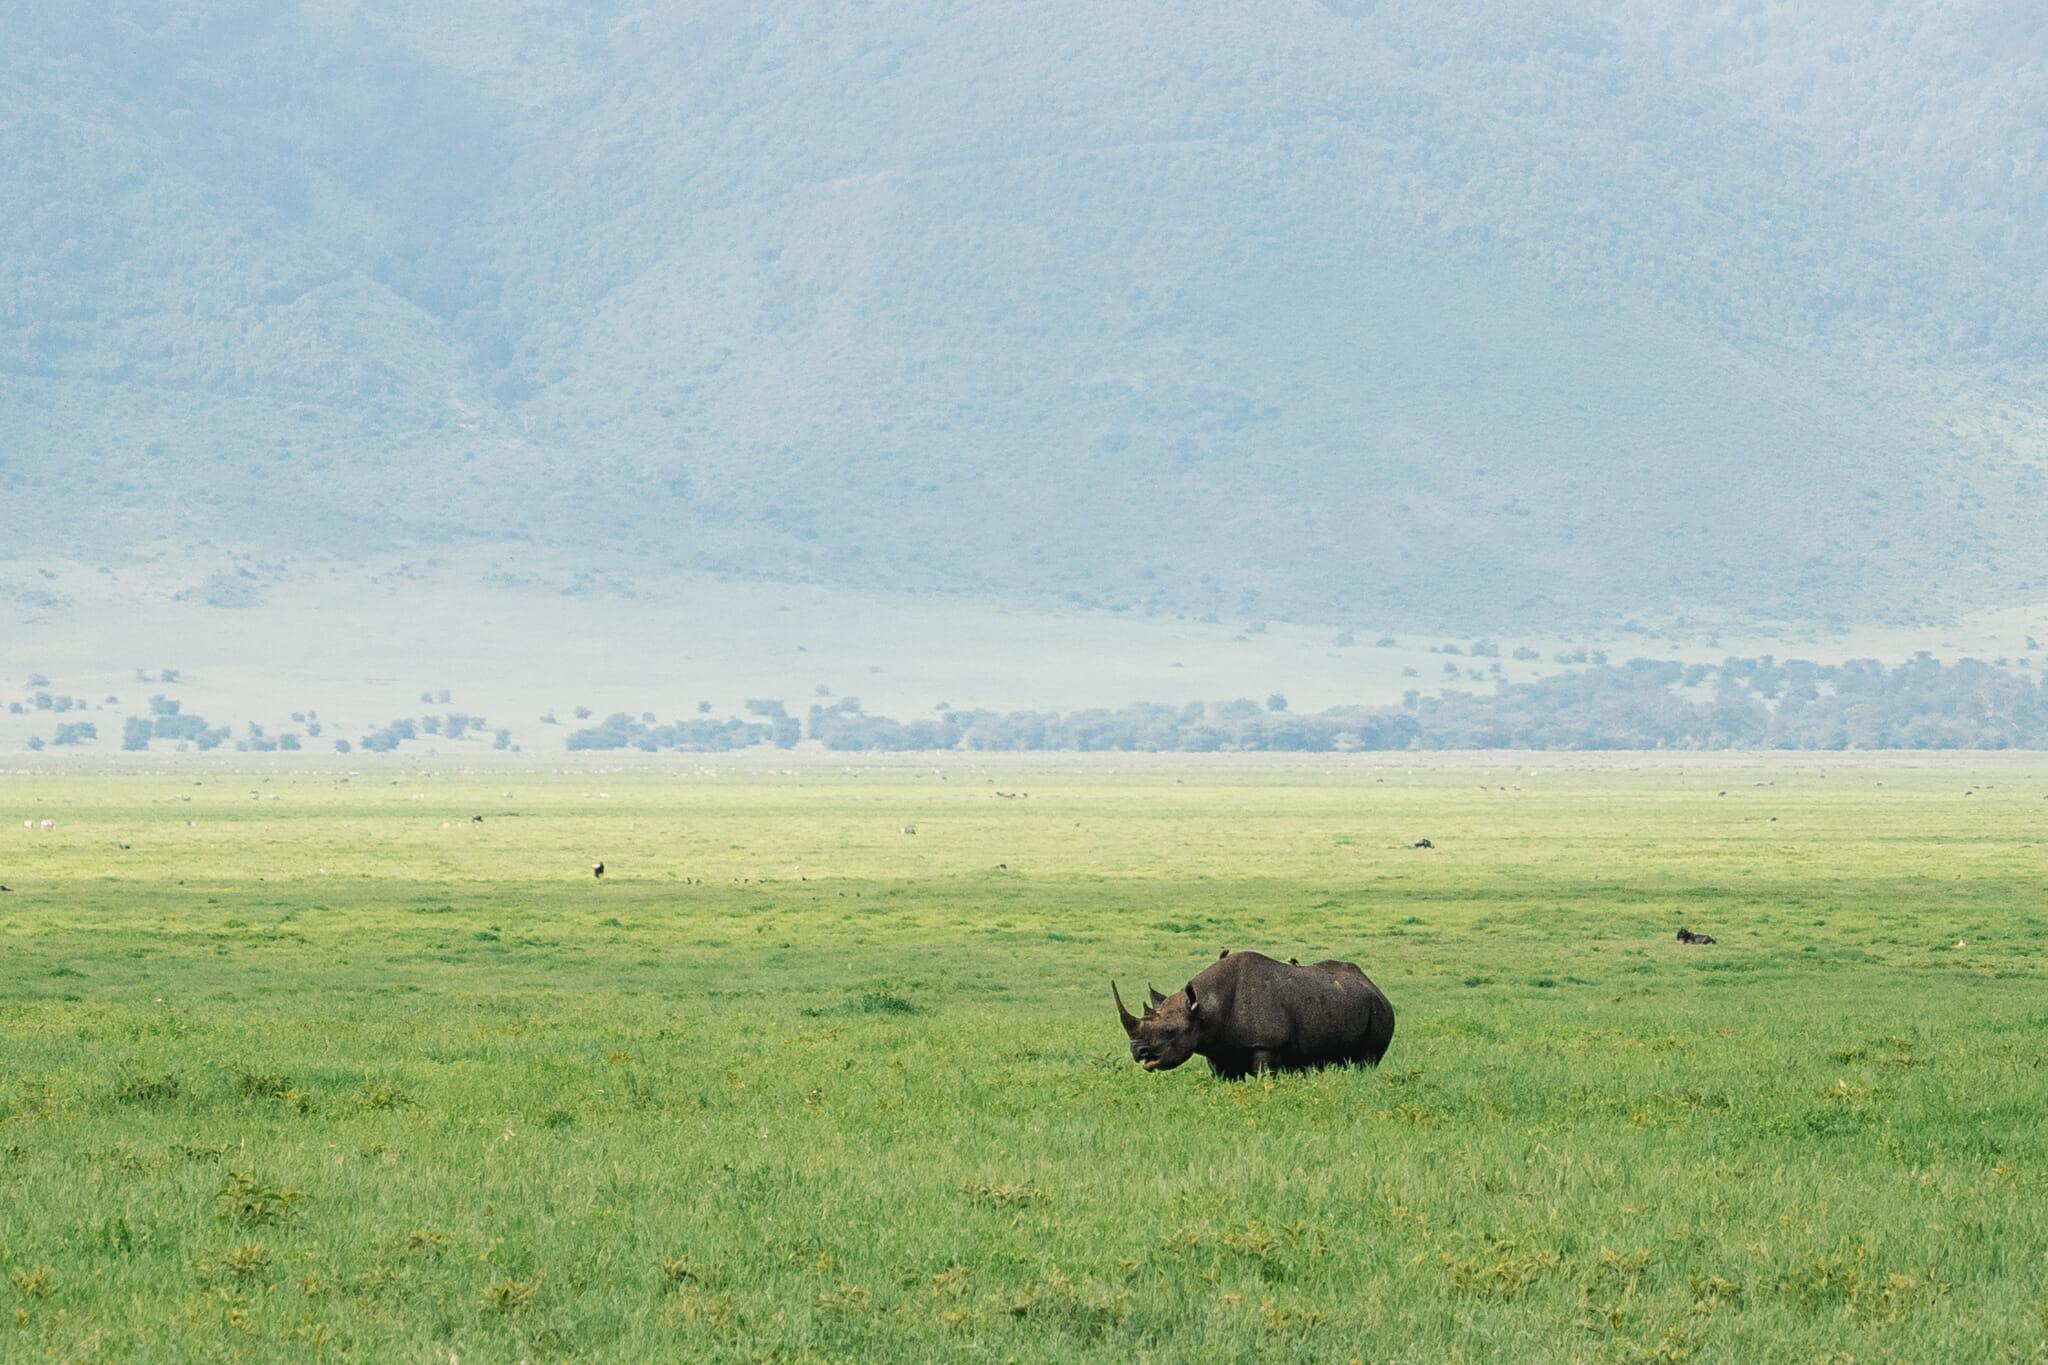 Observation du rhinocéros lors d'un safari dans le parc du Ngorongoro en Tanzanie